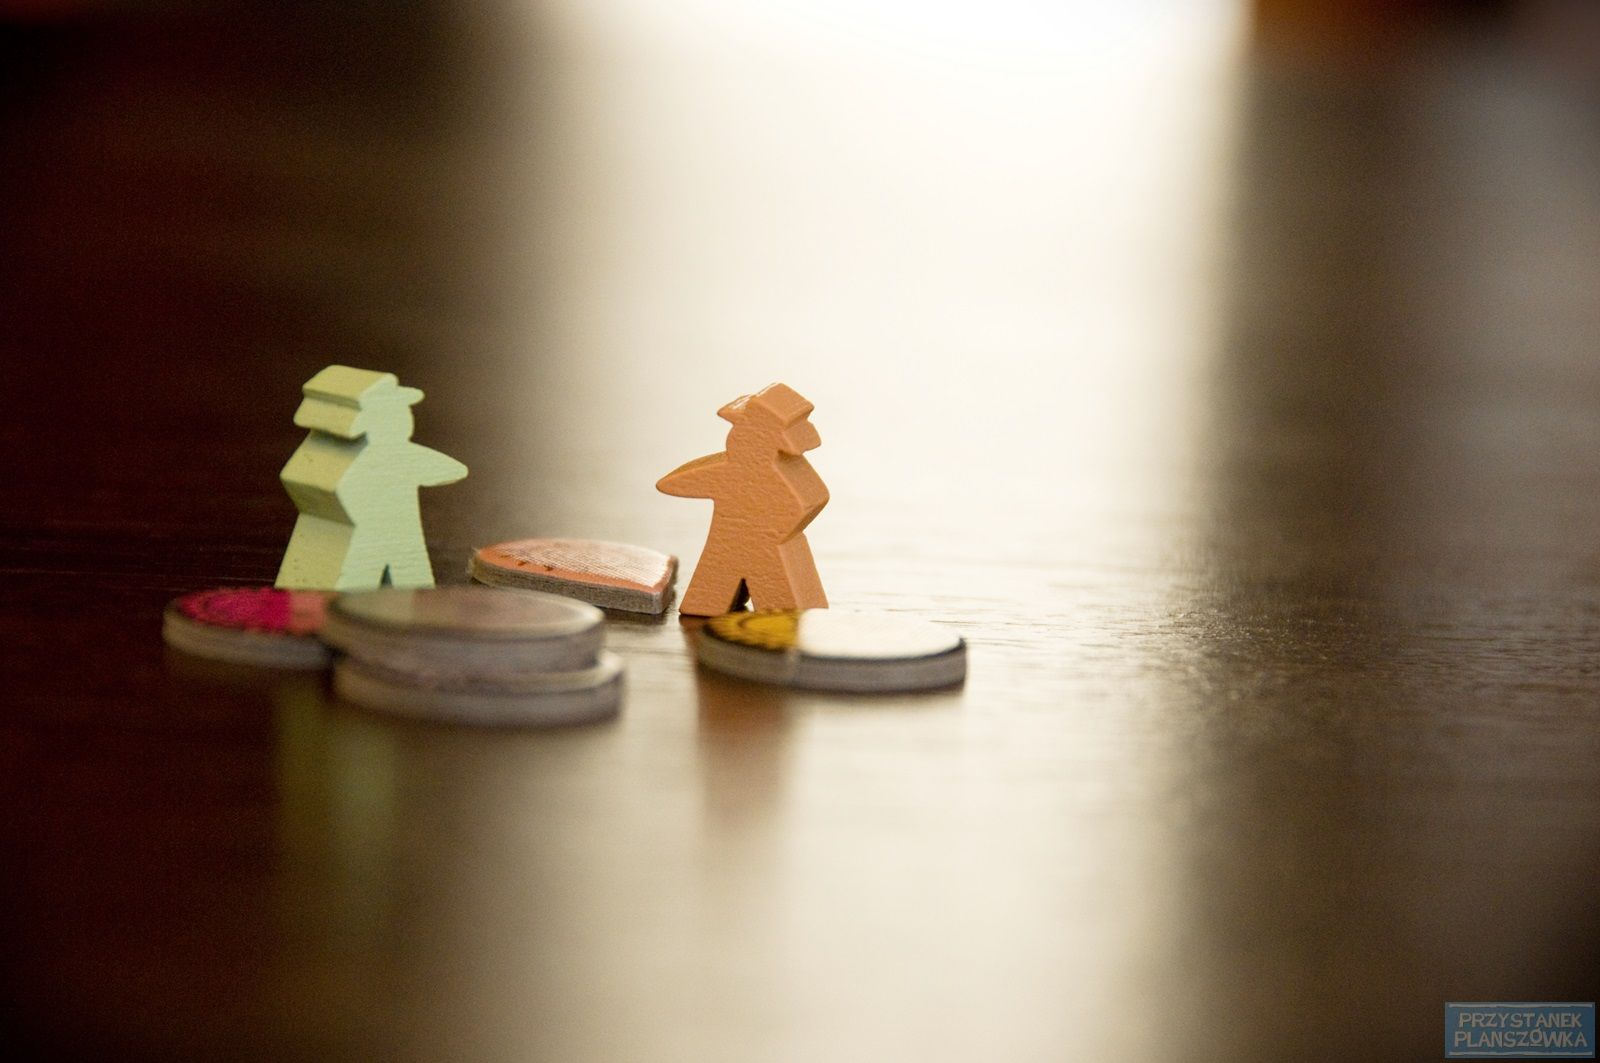 Lewis & Clark / fot. Przystanek Planszówka